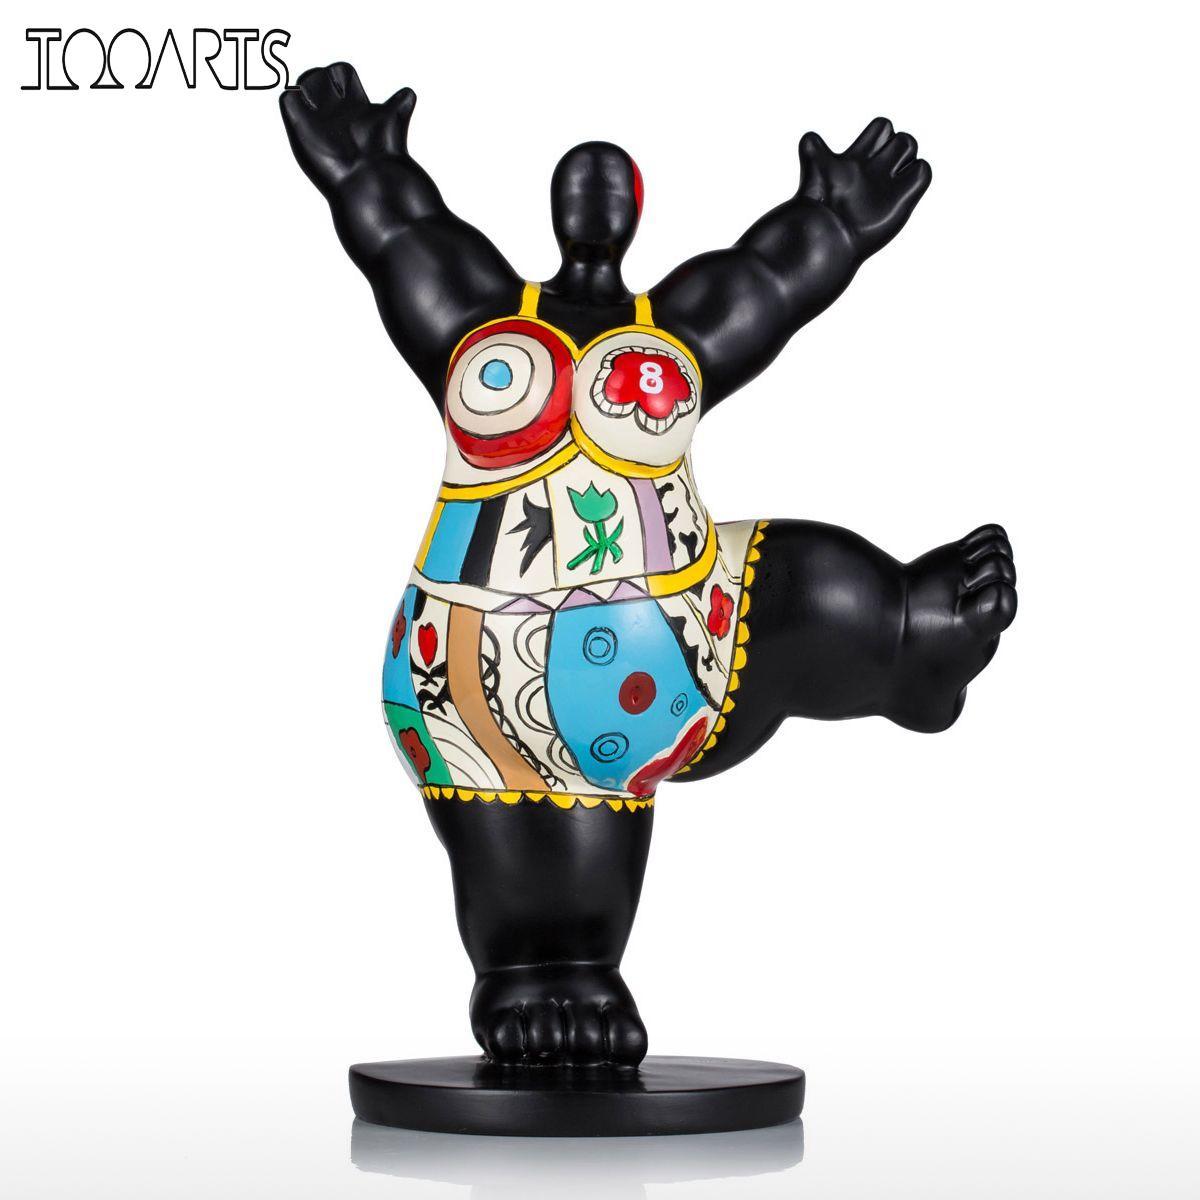 Tooarts Skulptur Schneidigen Fett Frau Fiberglas Skulptur Exaggerative Modellierung Dekorative Ornament Für Home Office-in Statuen & Skulpturen aus Heim und Garten bei  Gruppe 1